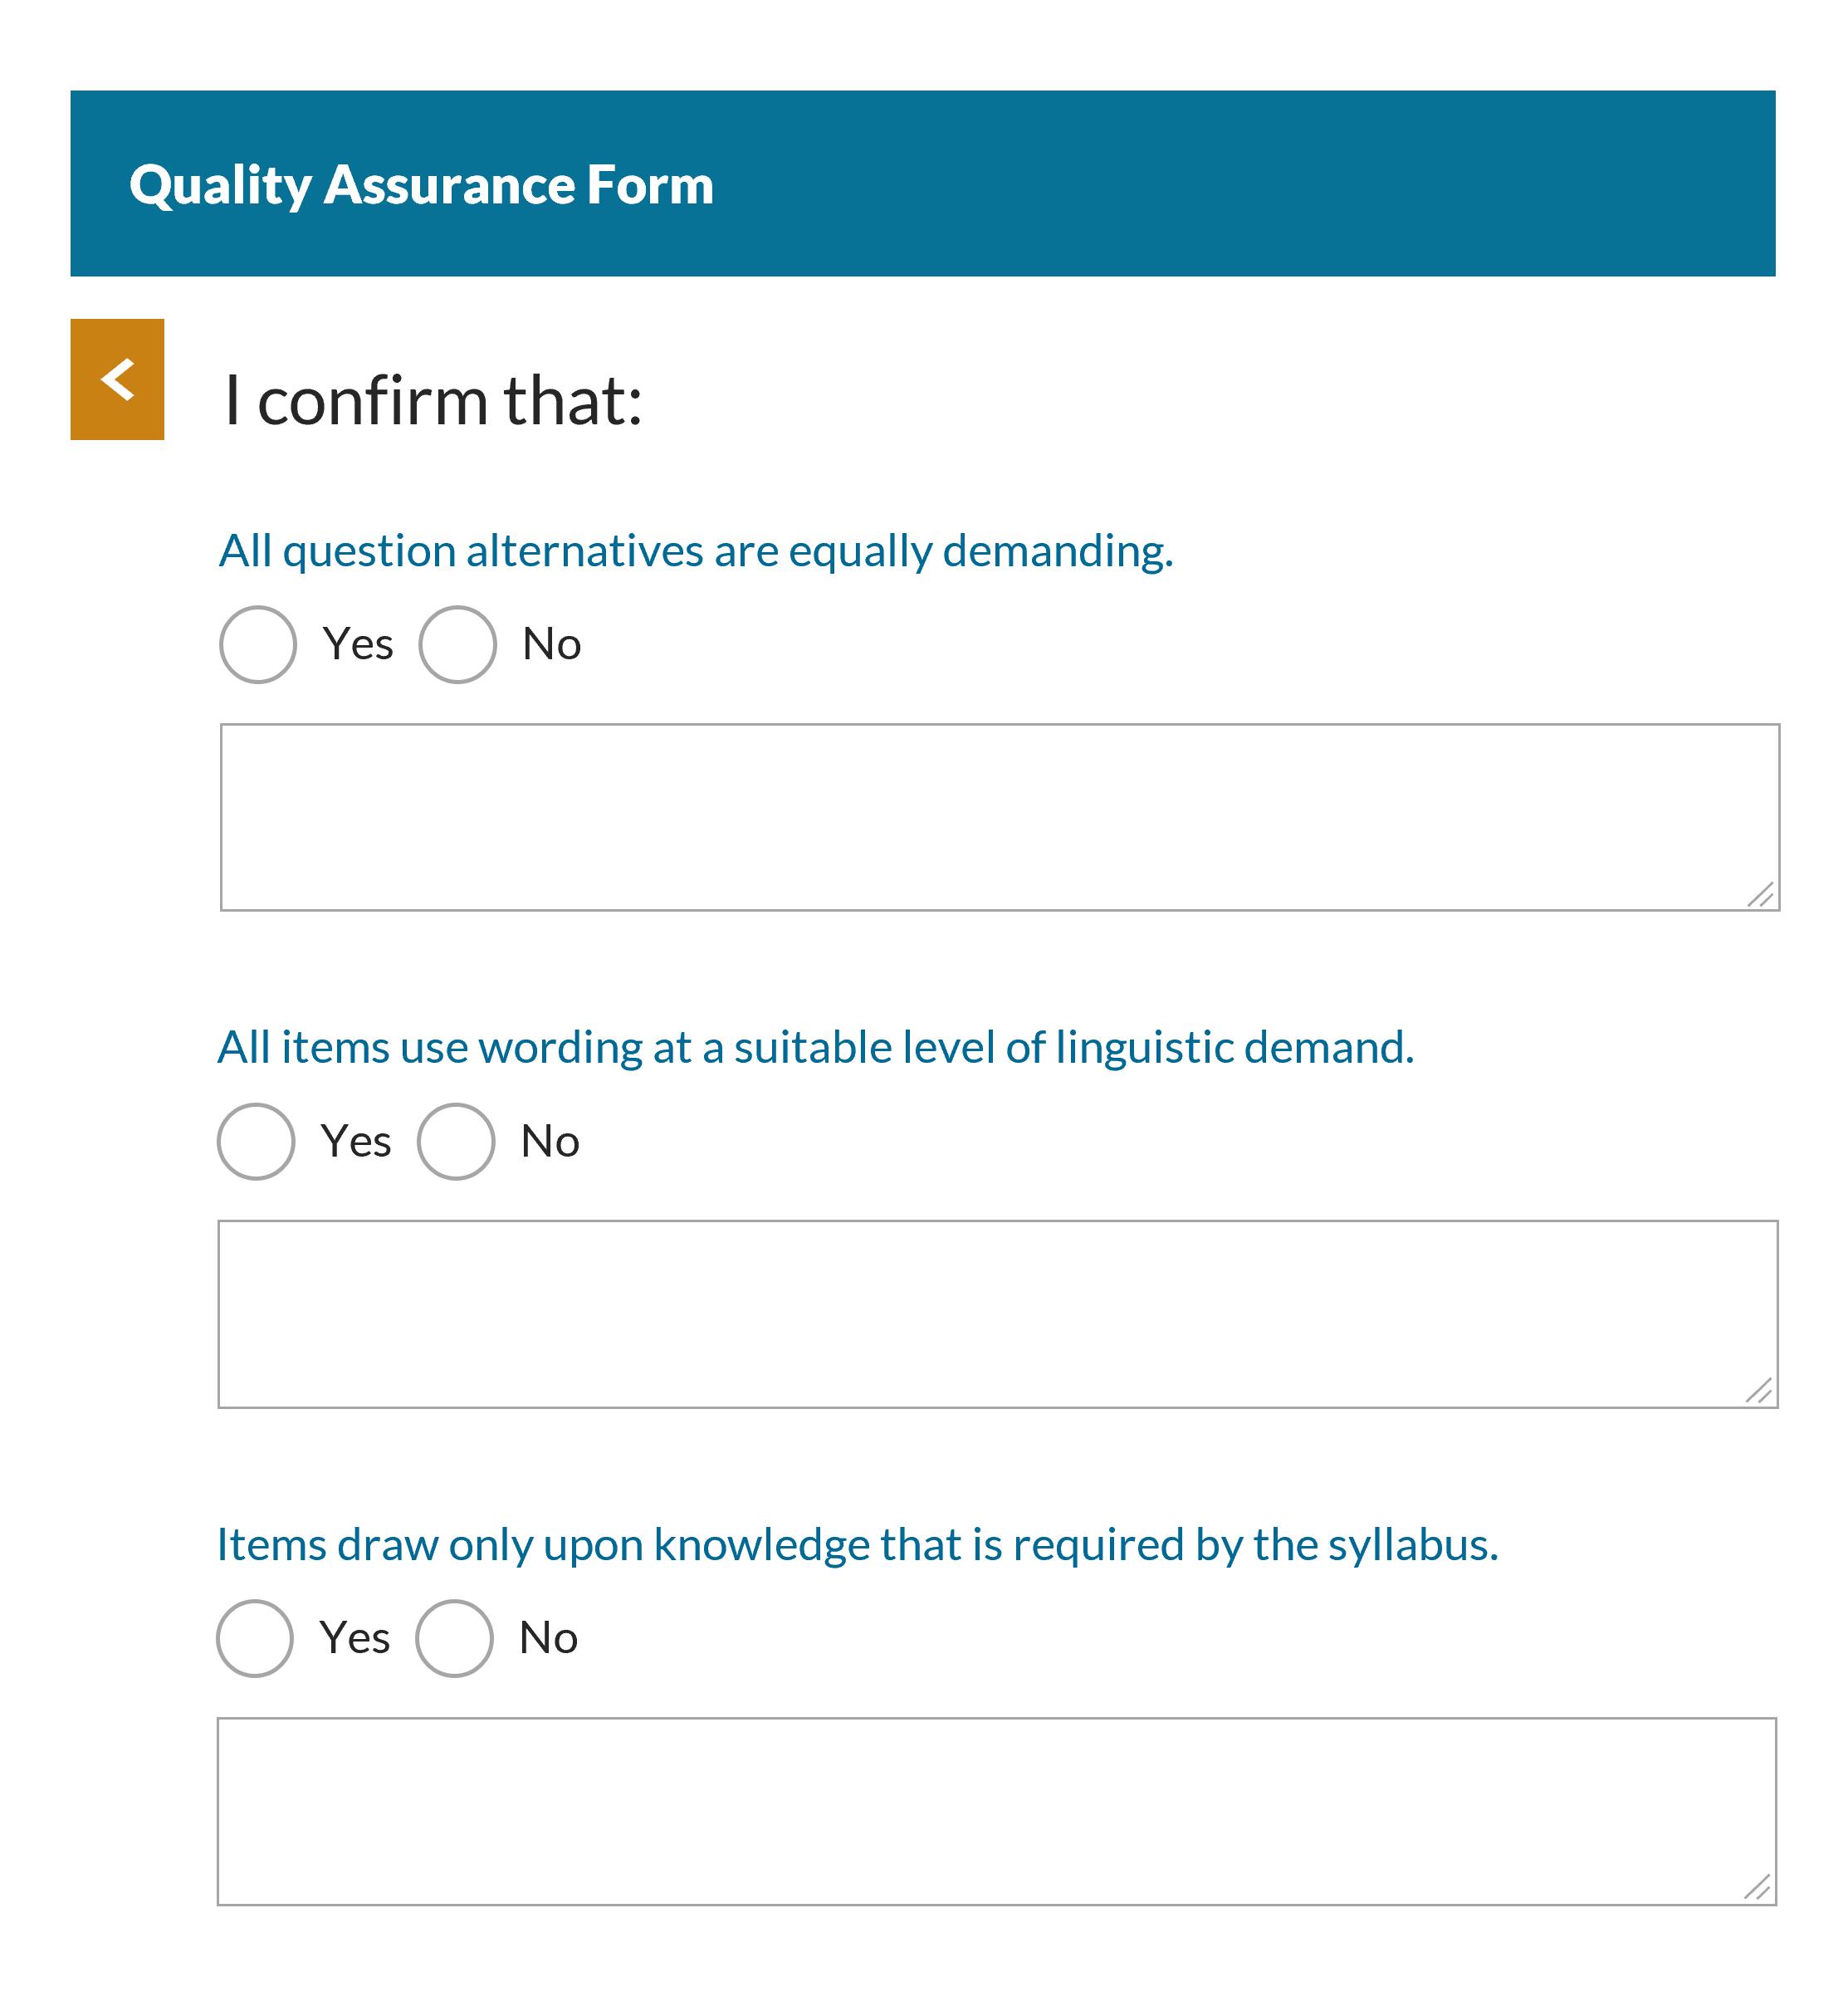 GradeMaker Quality Assurance Form